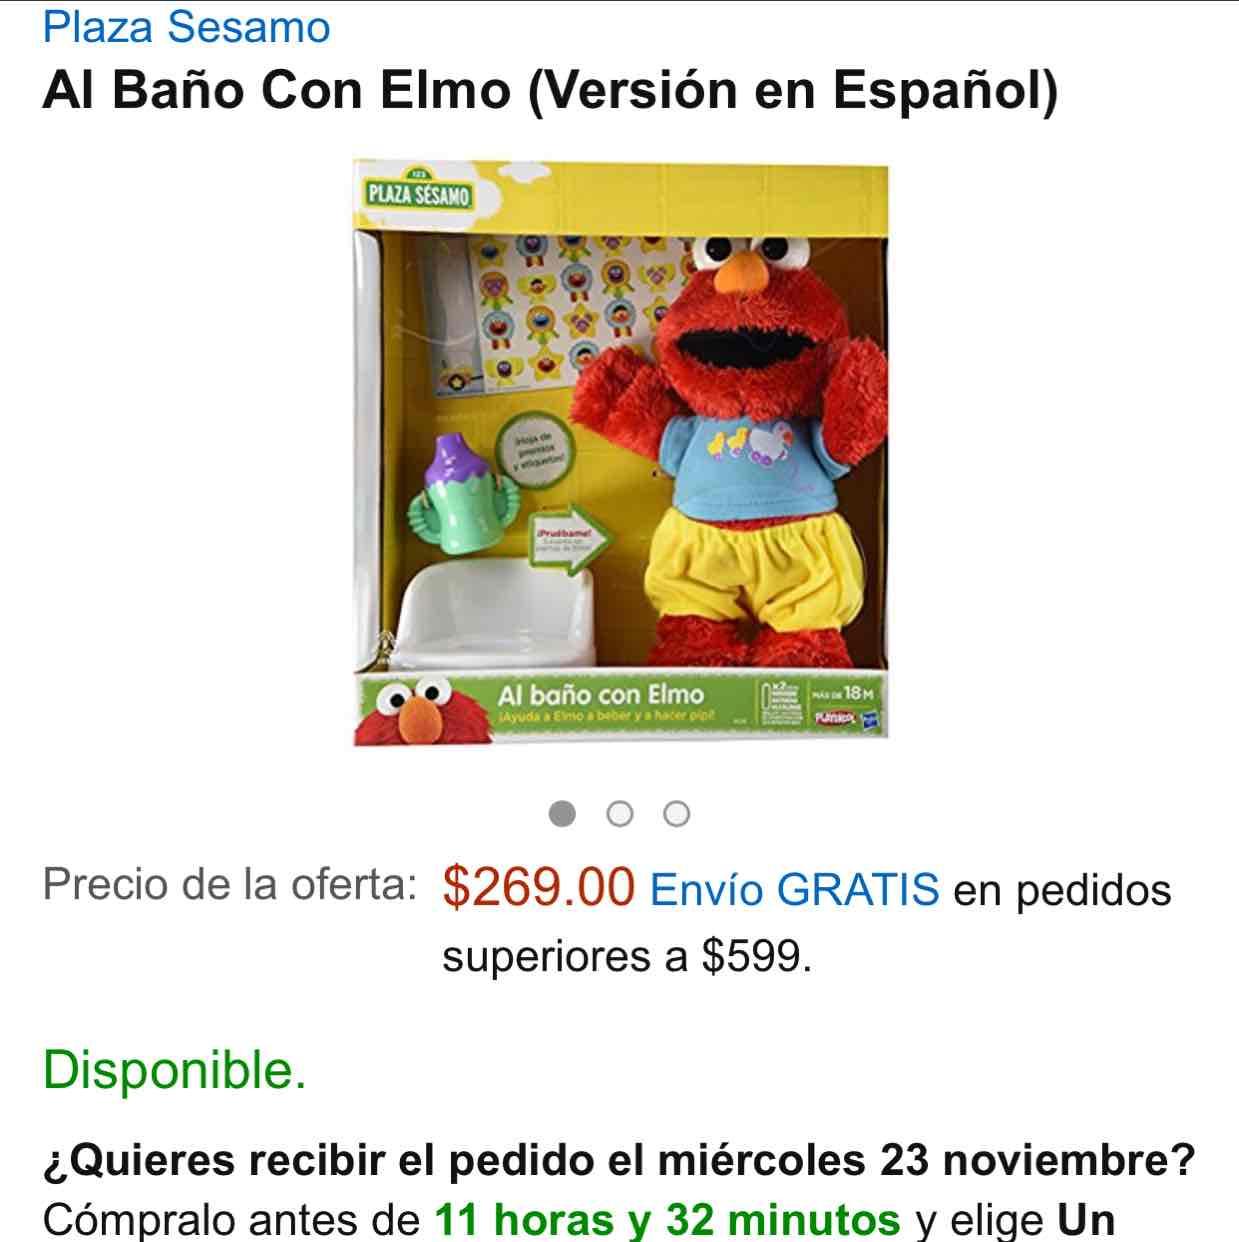 Amazon: Al Baño Con Elmo (Versión en Español) a $269